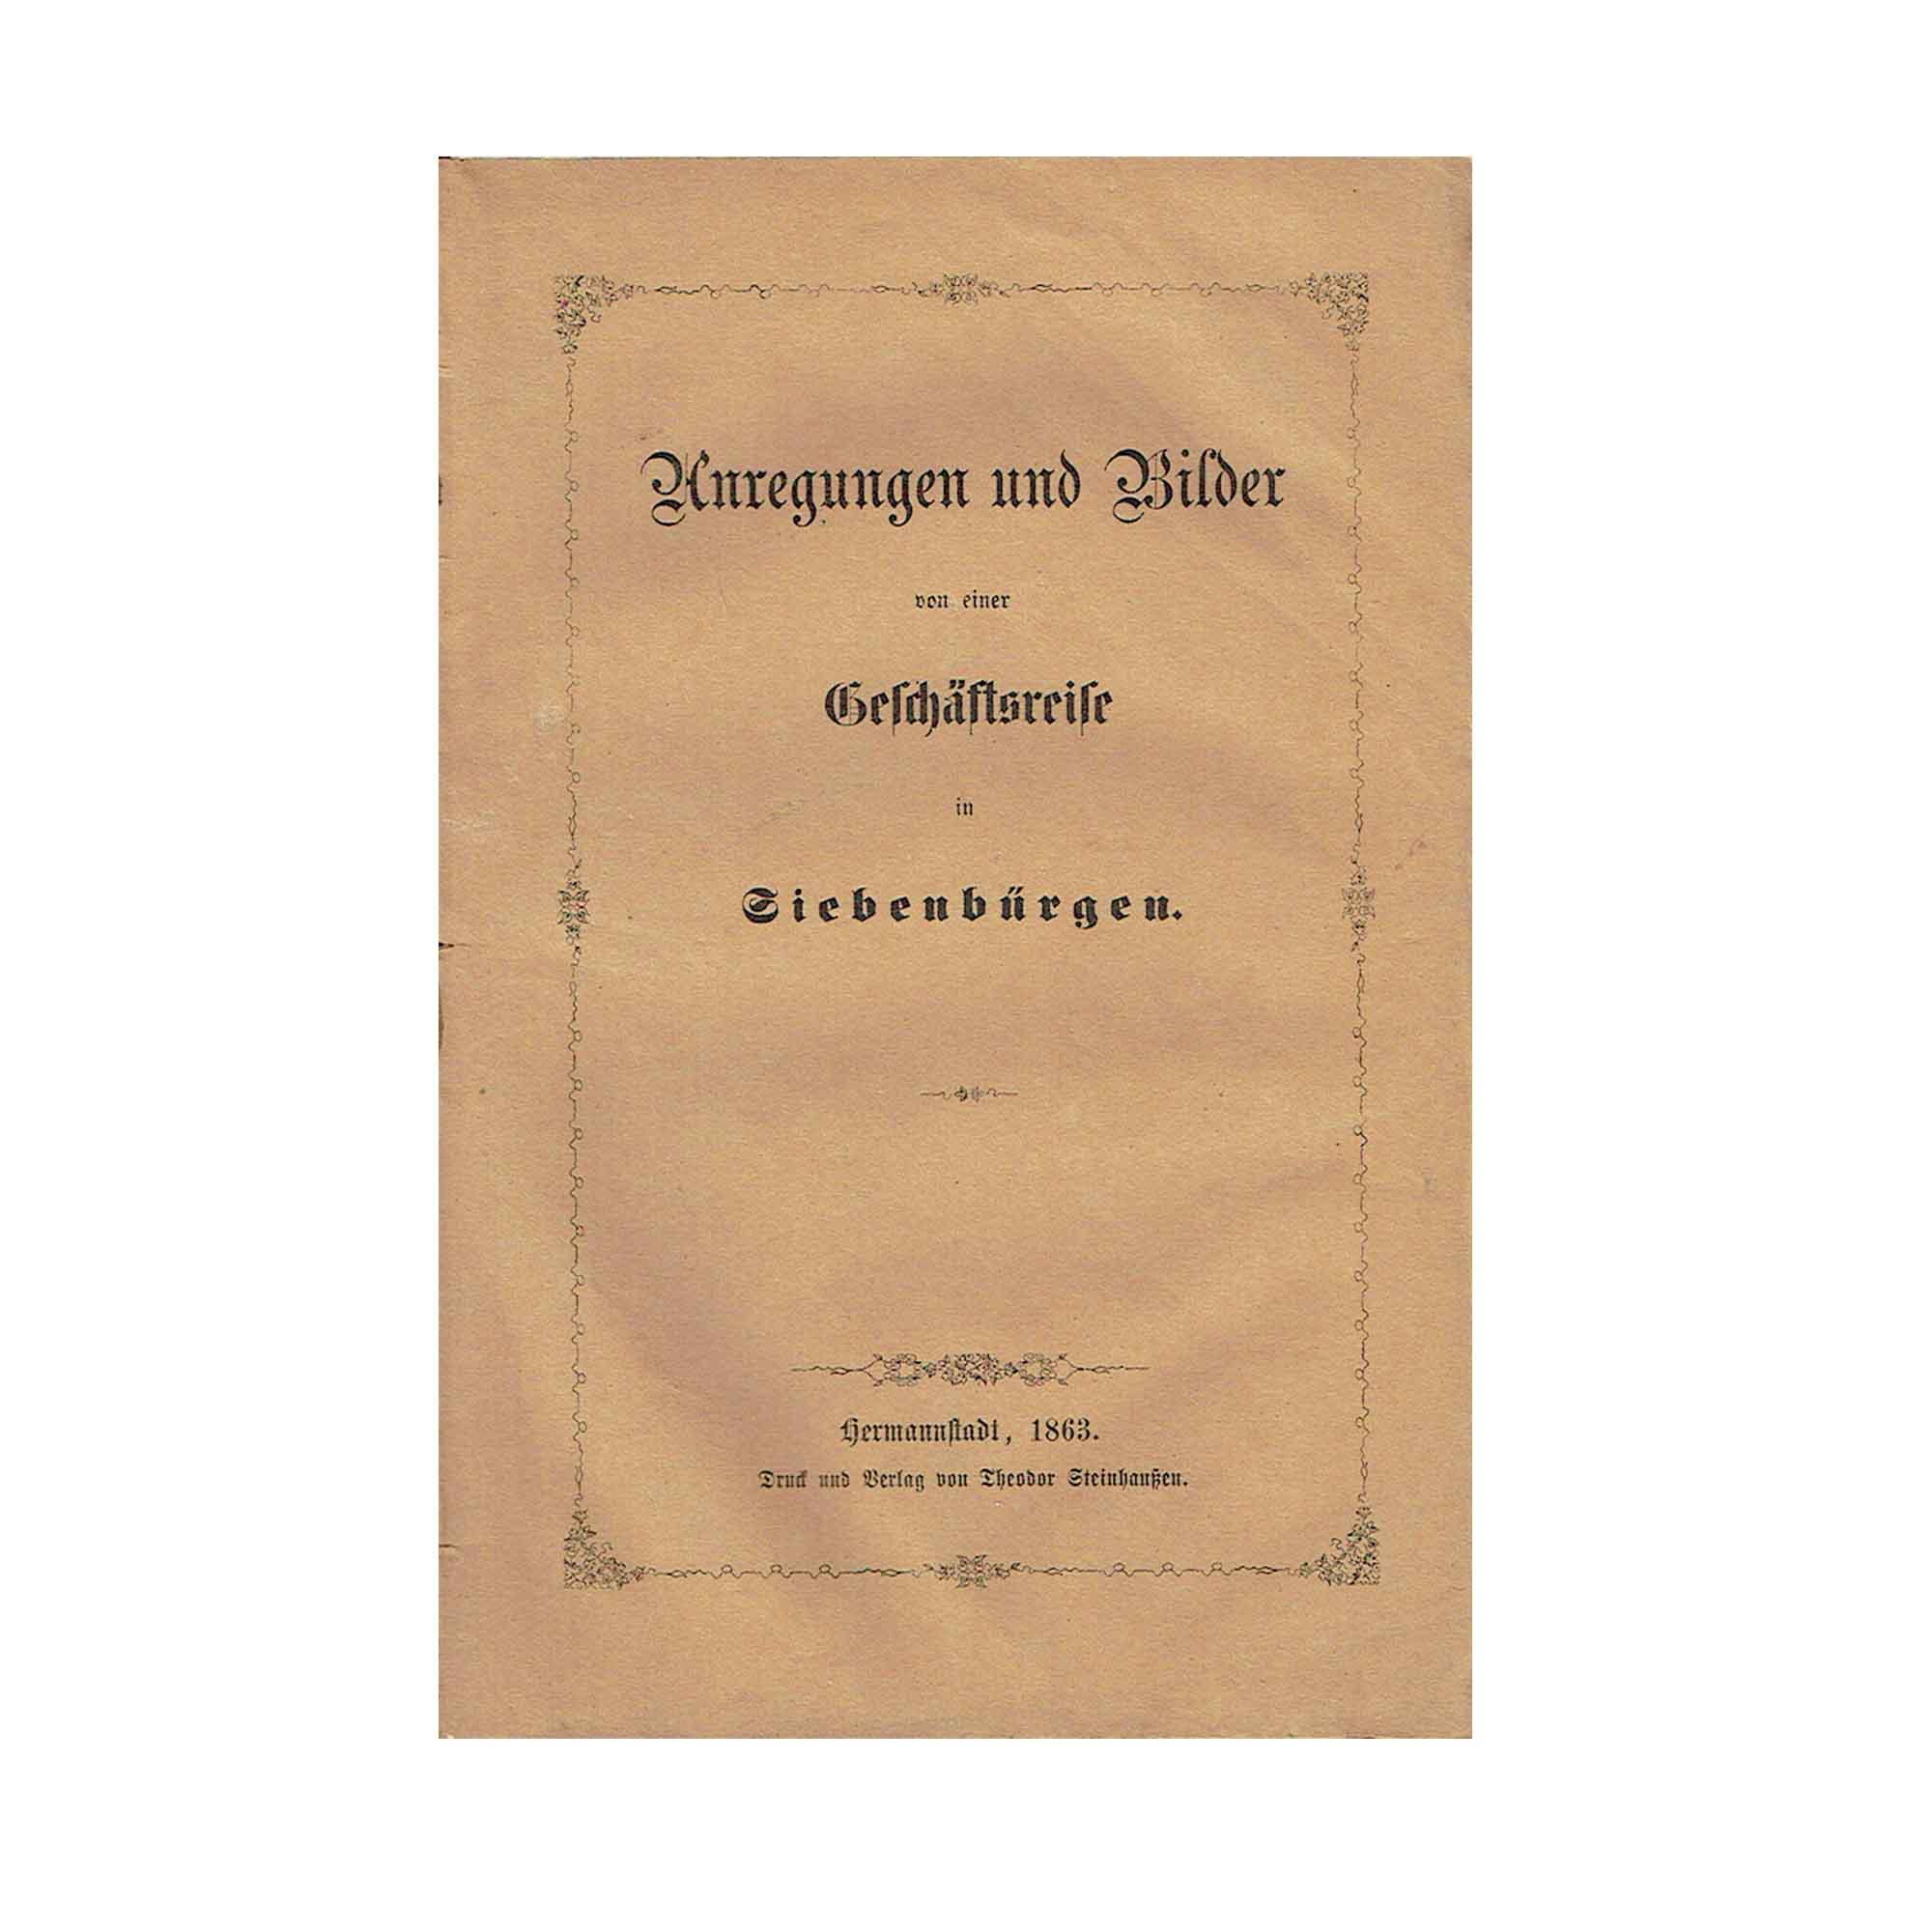 5438-Hintz-Geschäftsreise-Siebenbürgen-1863-Umschlag-N.jpg